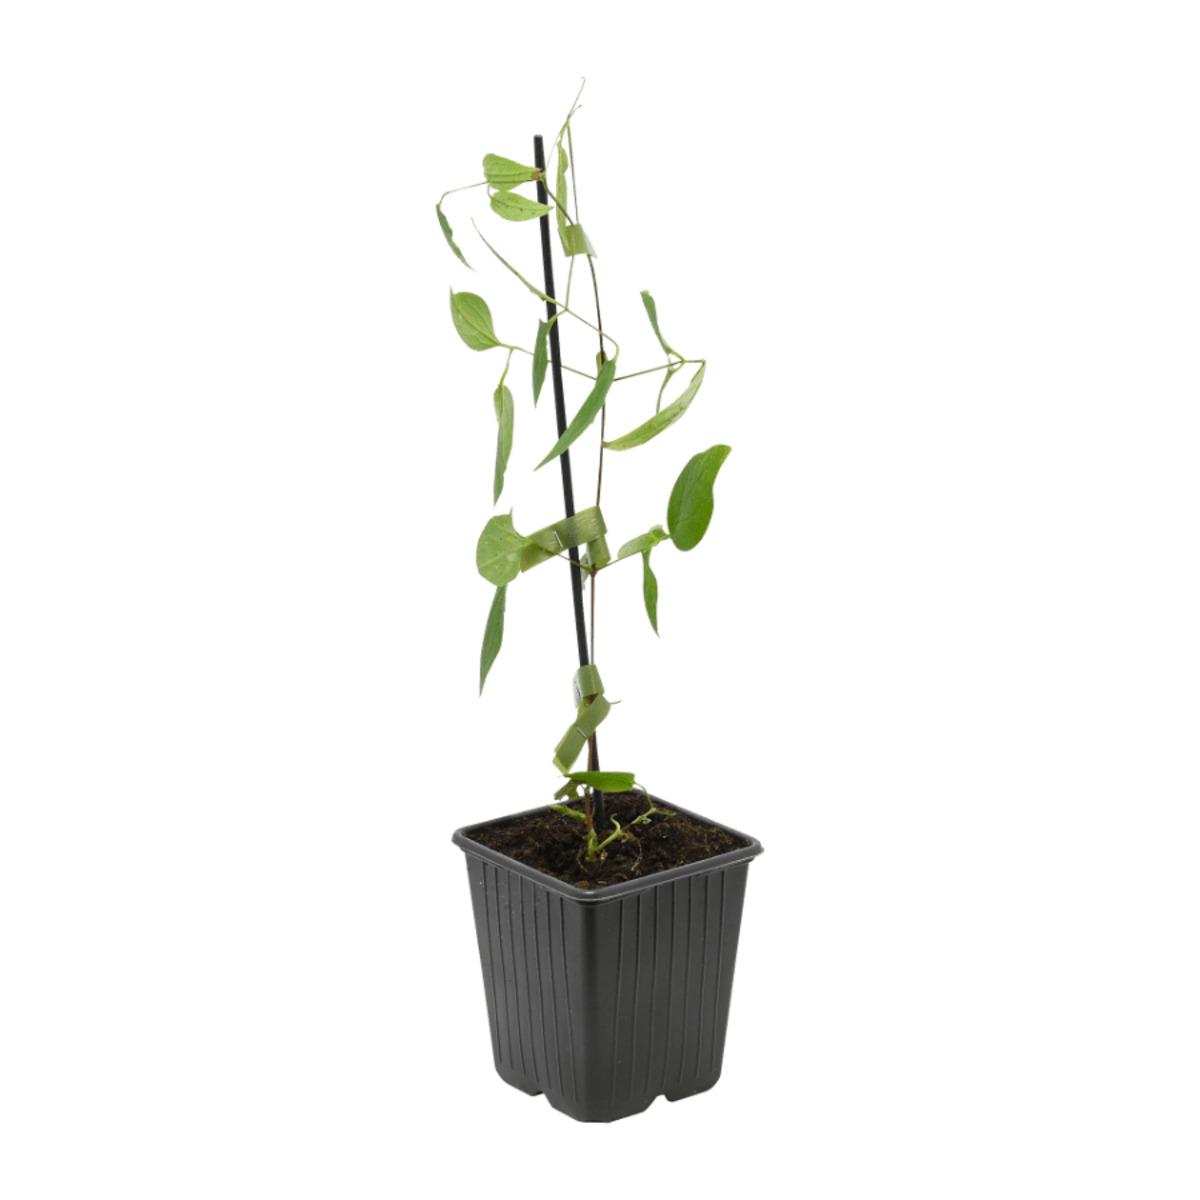 Bild 3 von GARDENLINE     Rankpflanze